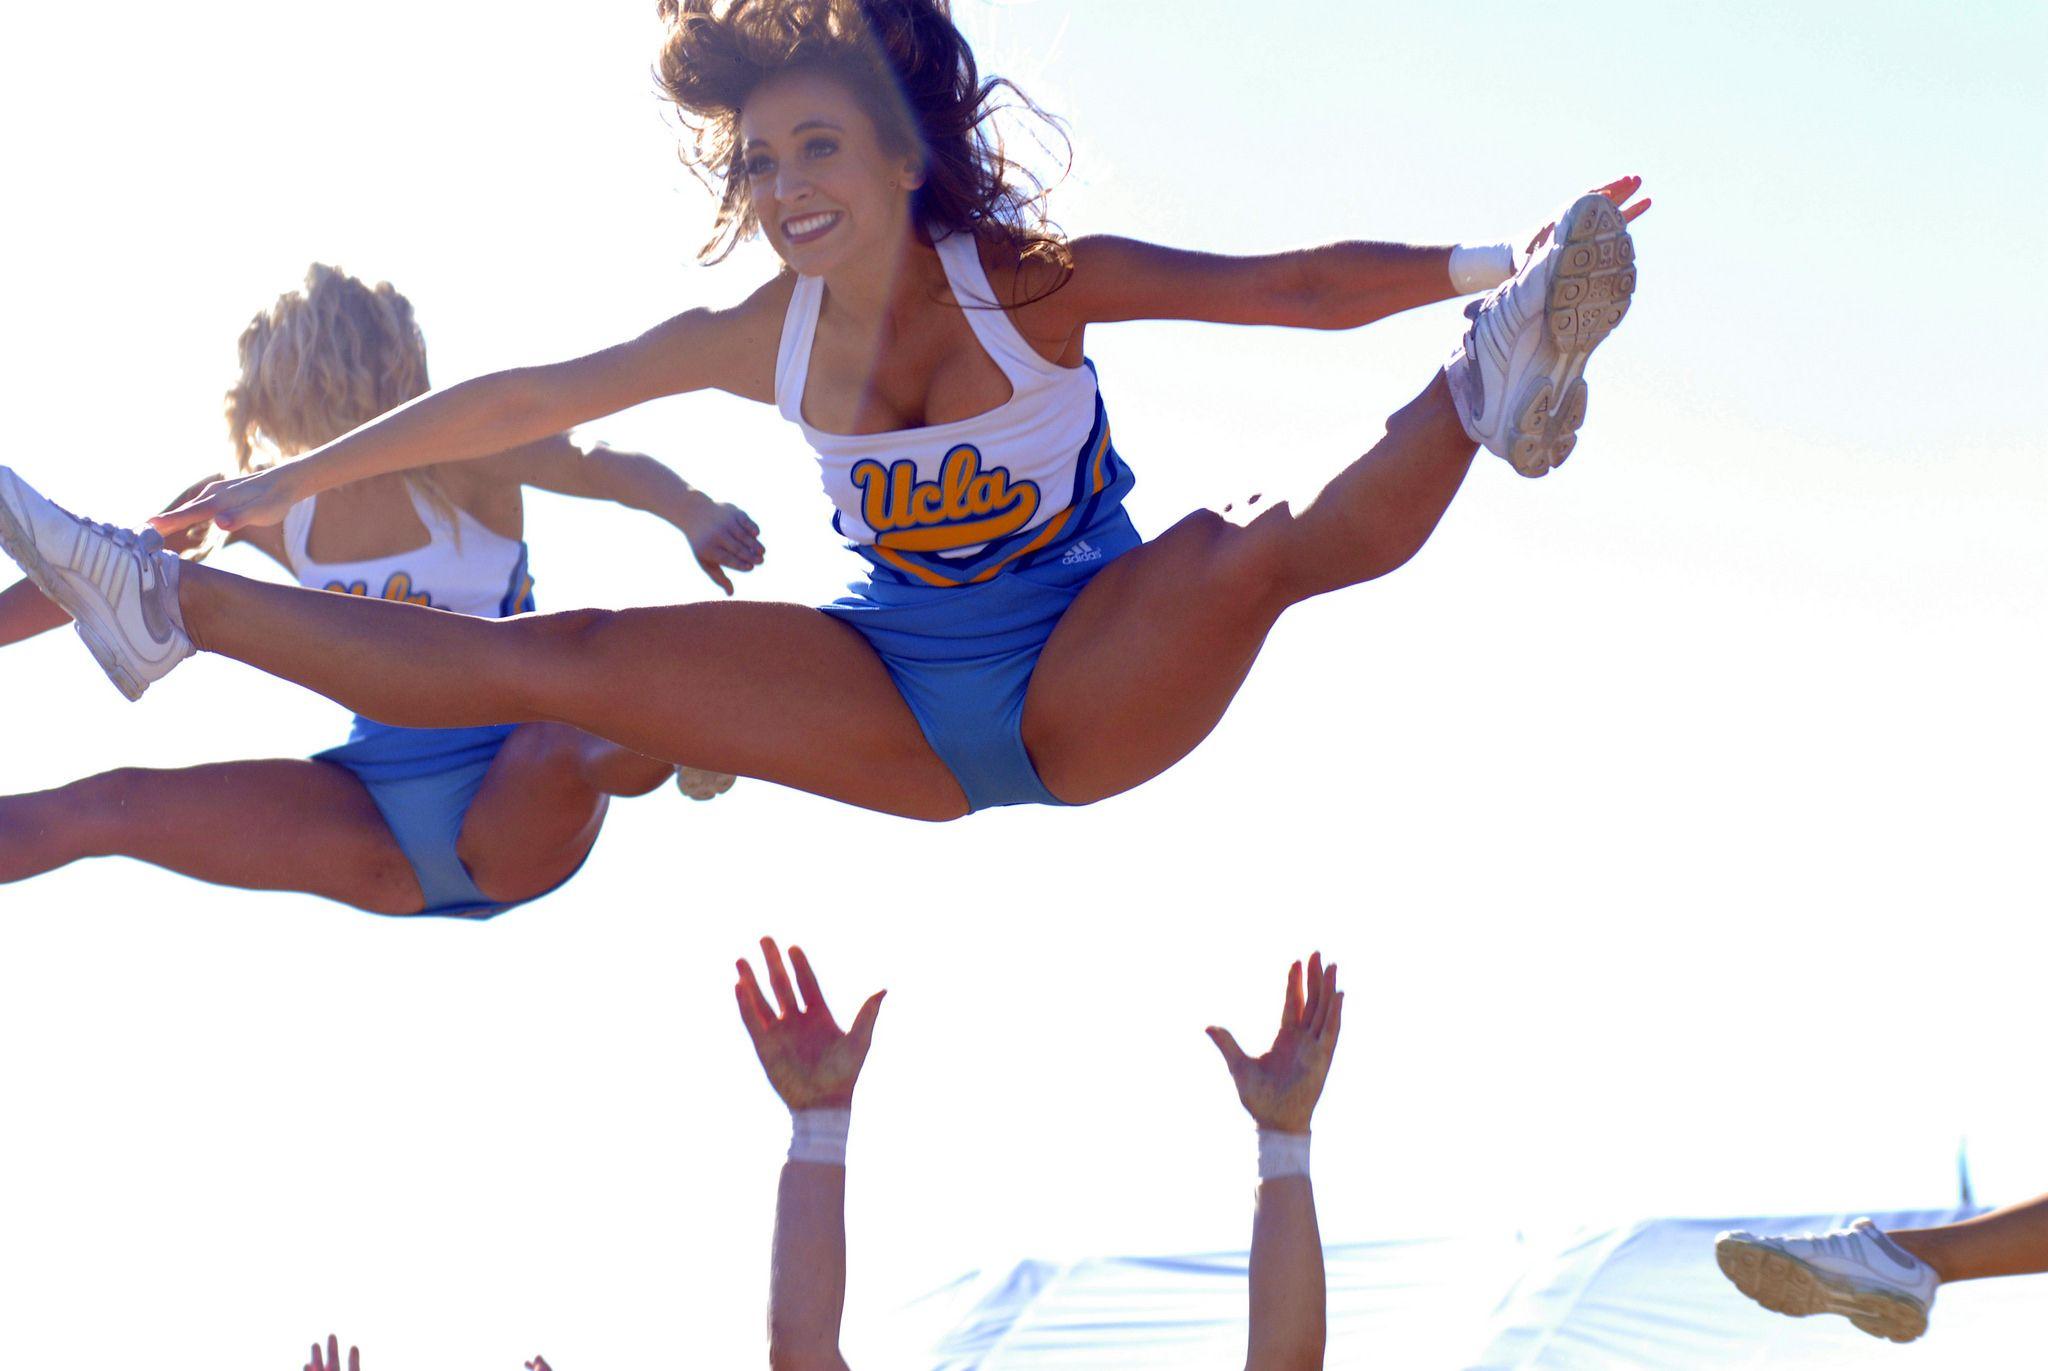 подошел апскирт в спорте только девушки семейное домашнее